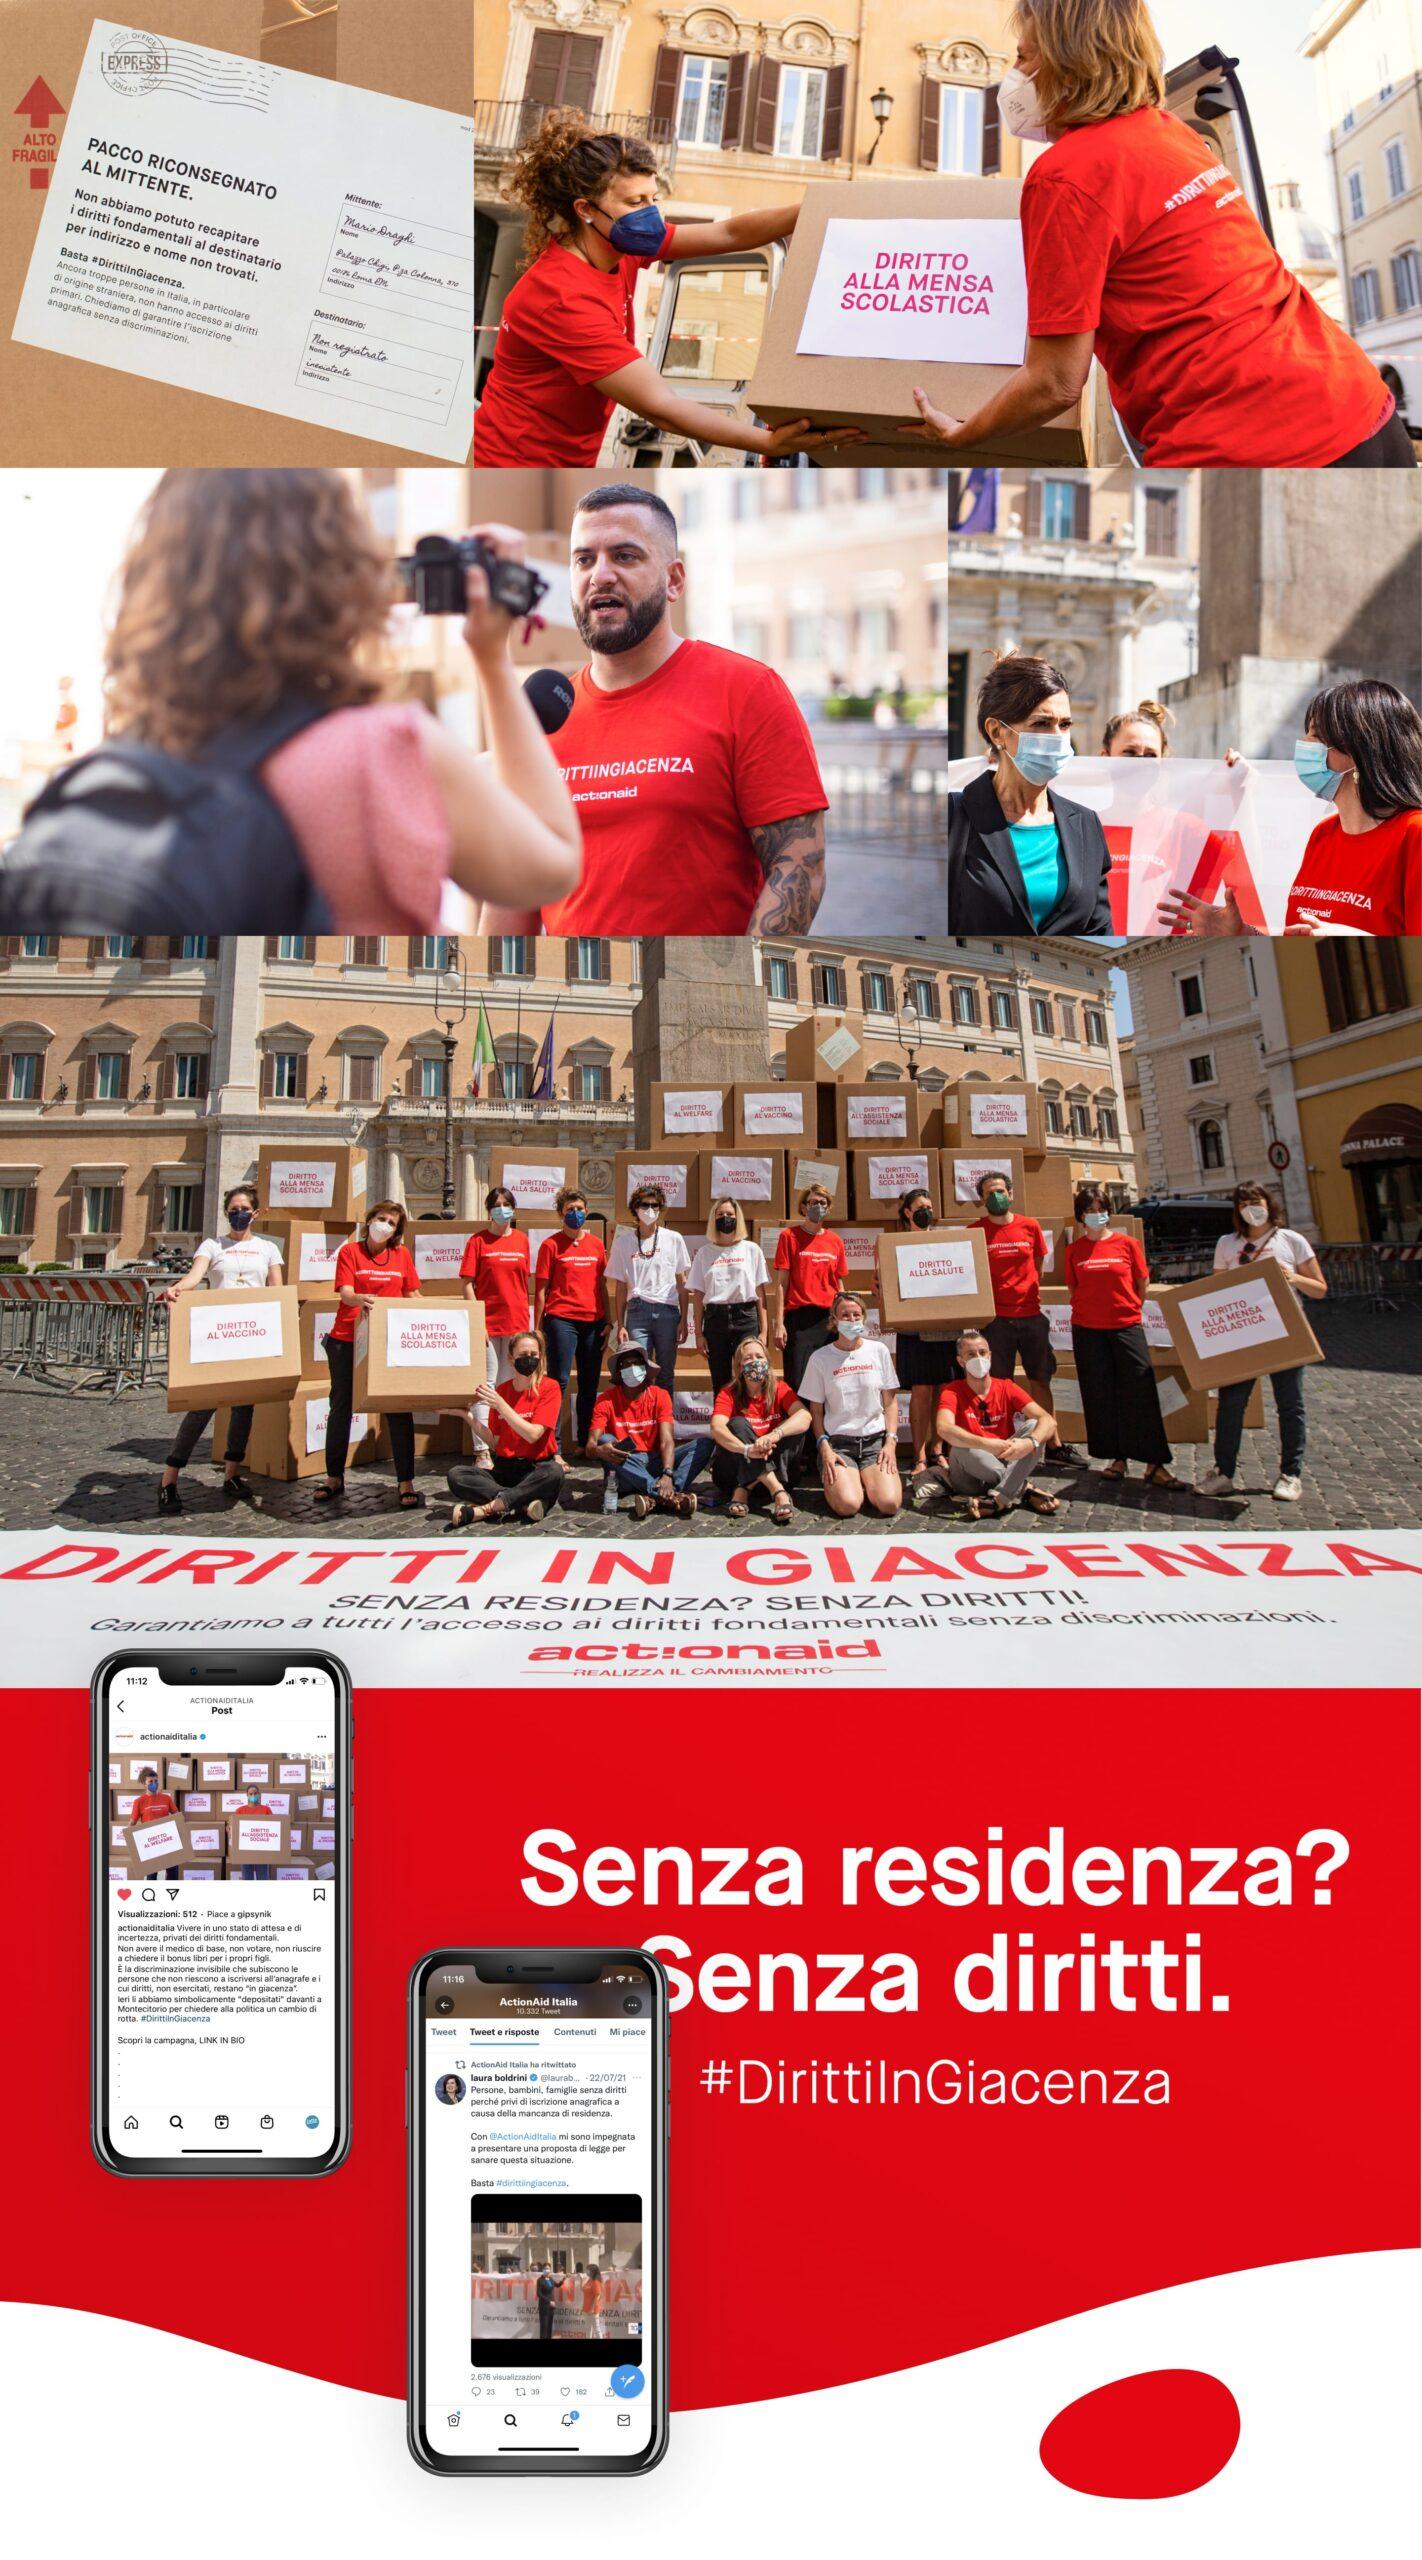 actionaid flashmob photos and mockup